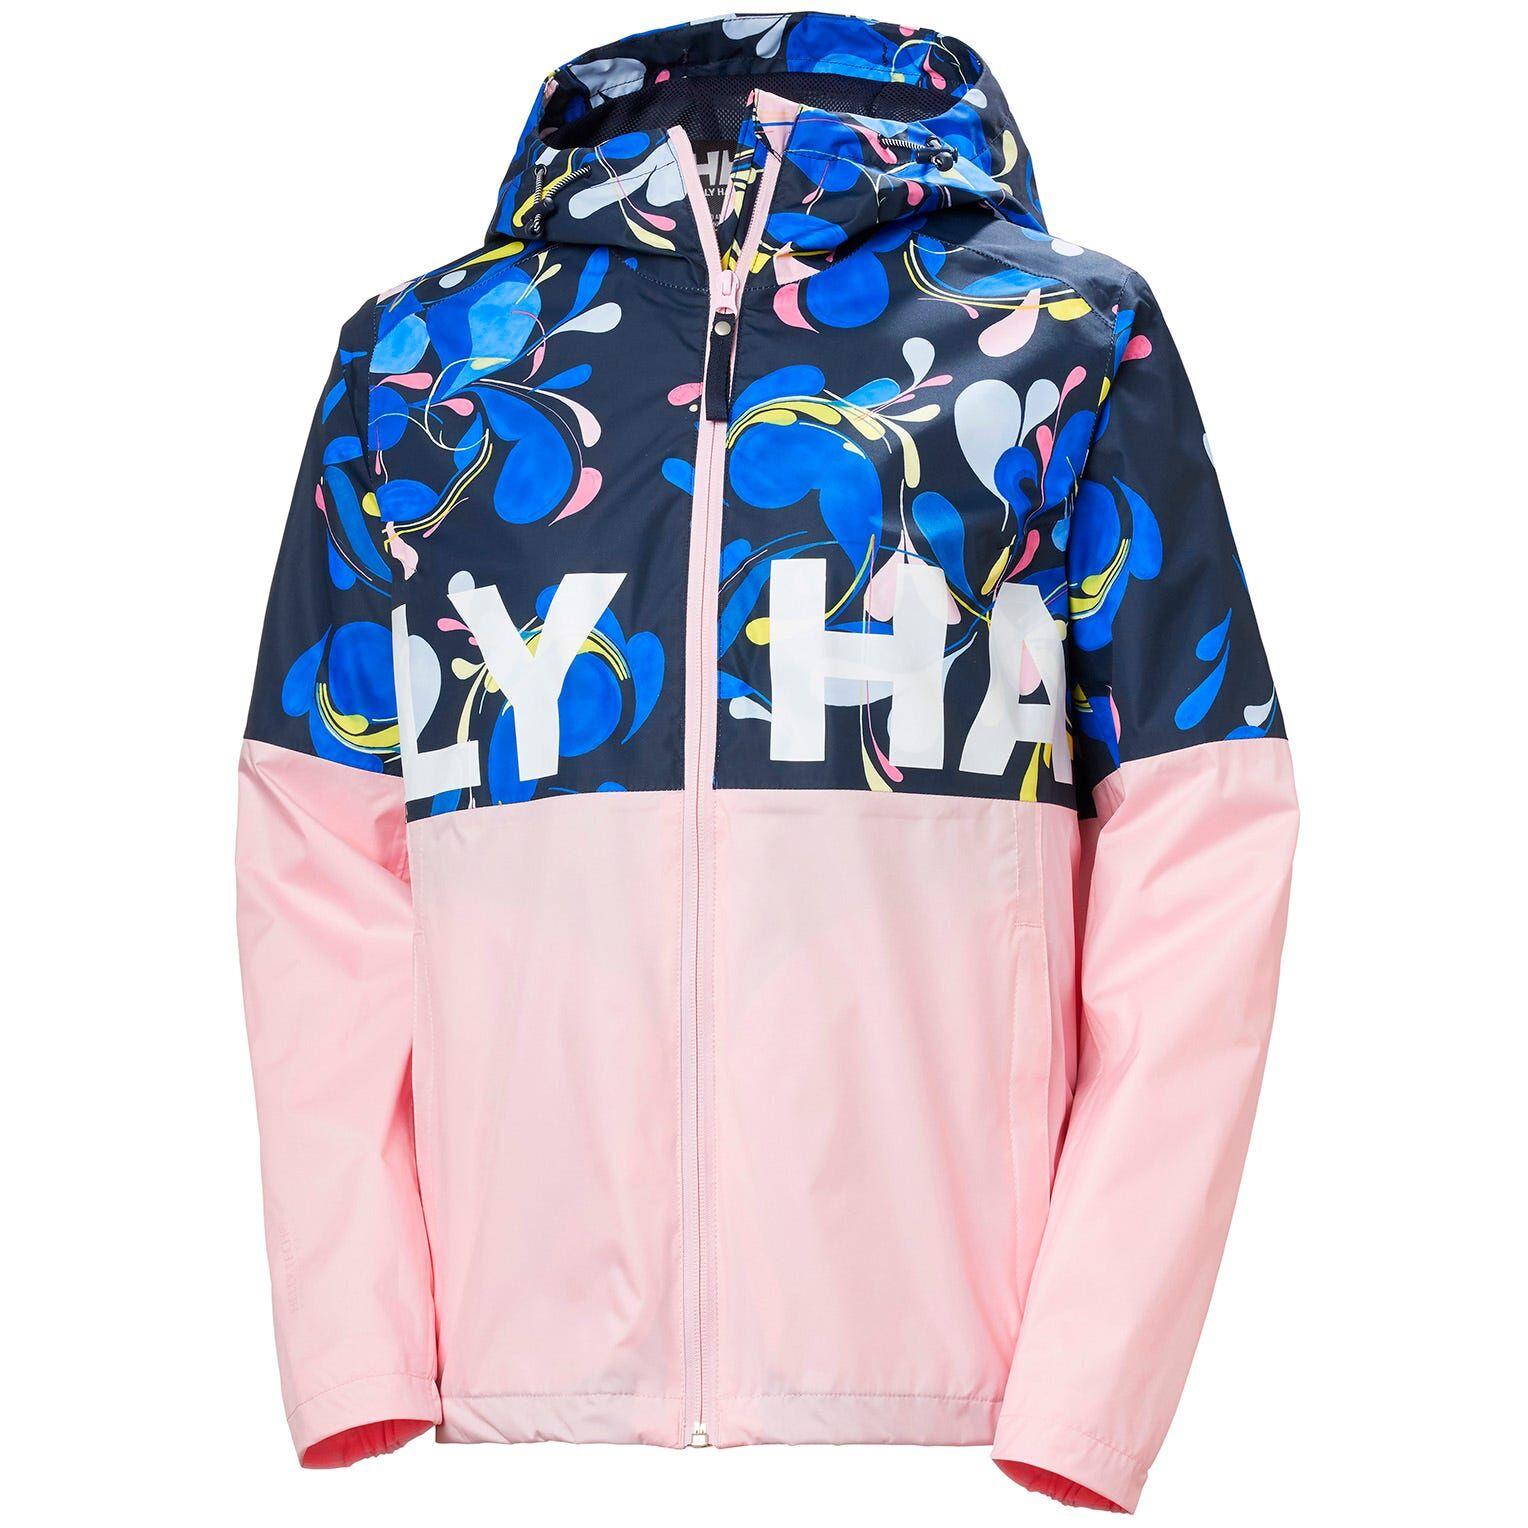 Helly Hansen Womens Rain Jacket Navy XL